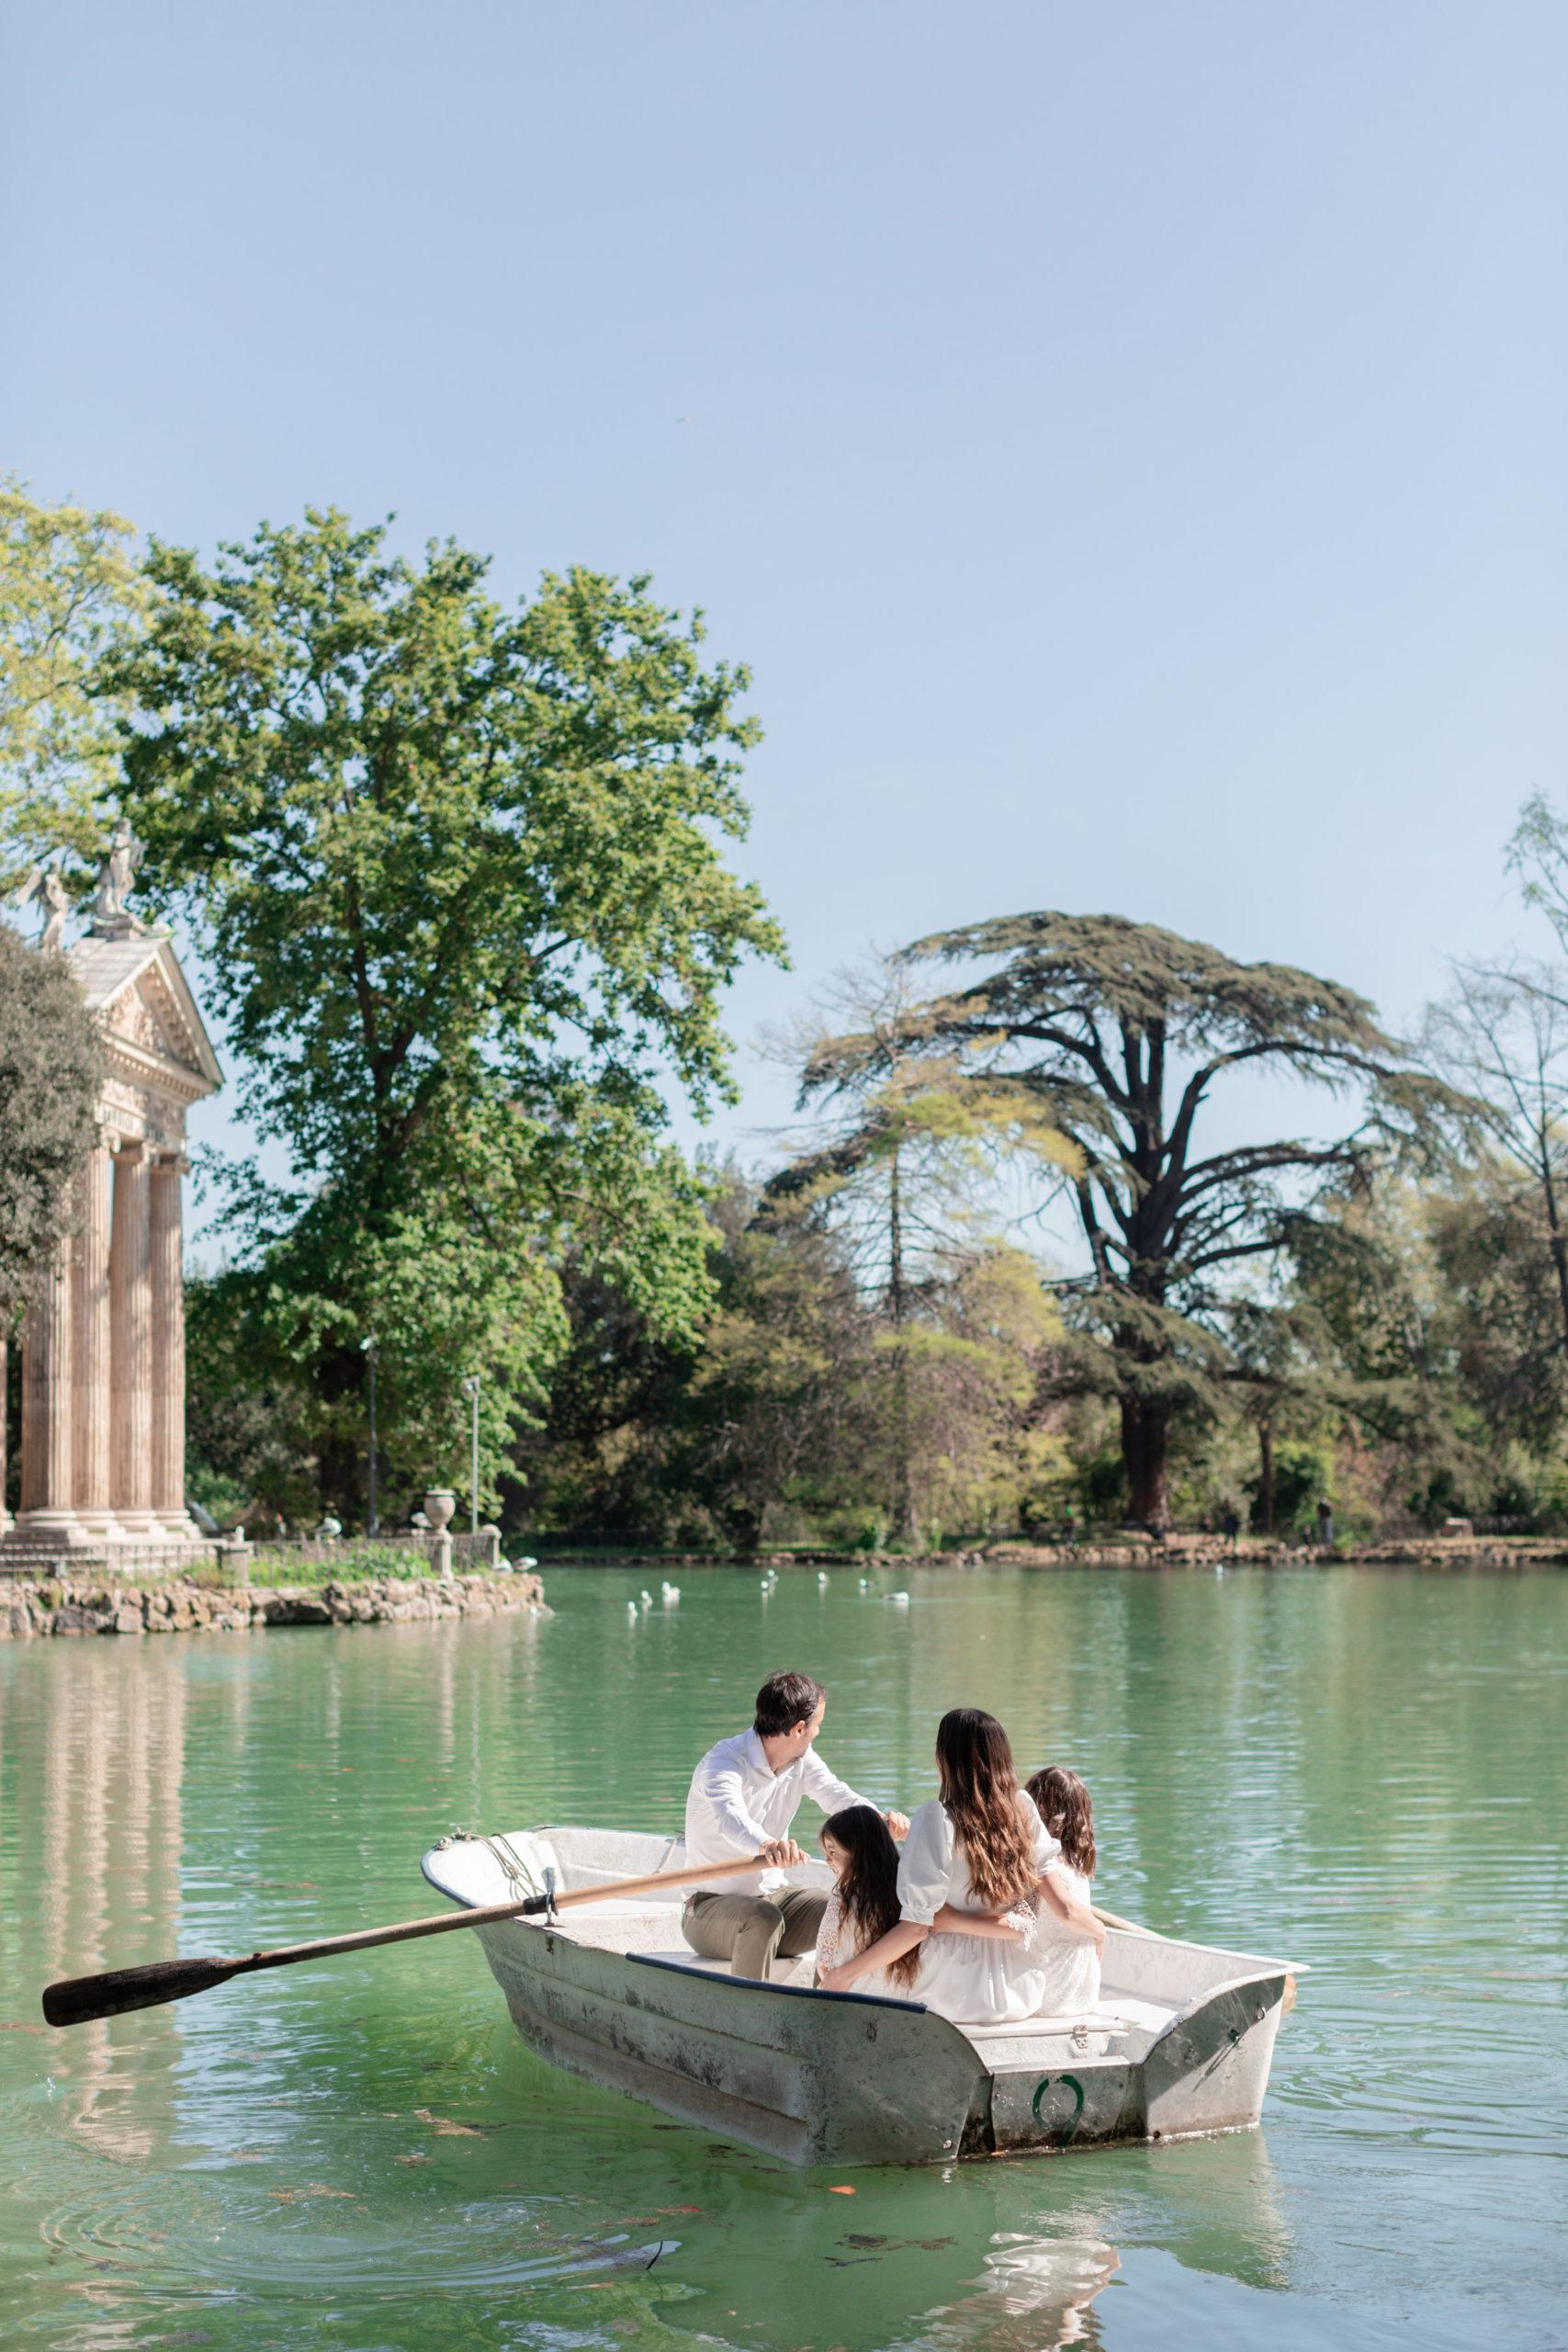 Remando sul laghetto di Villa Borghese